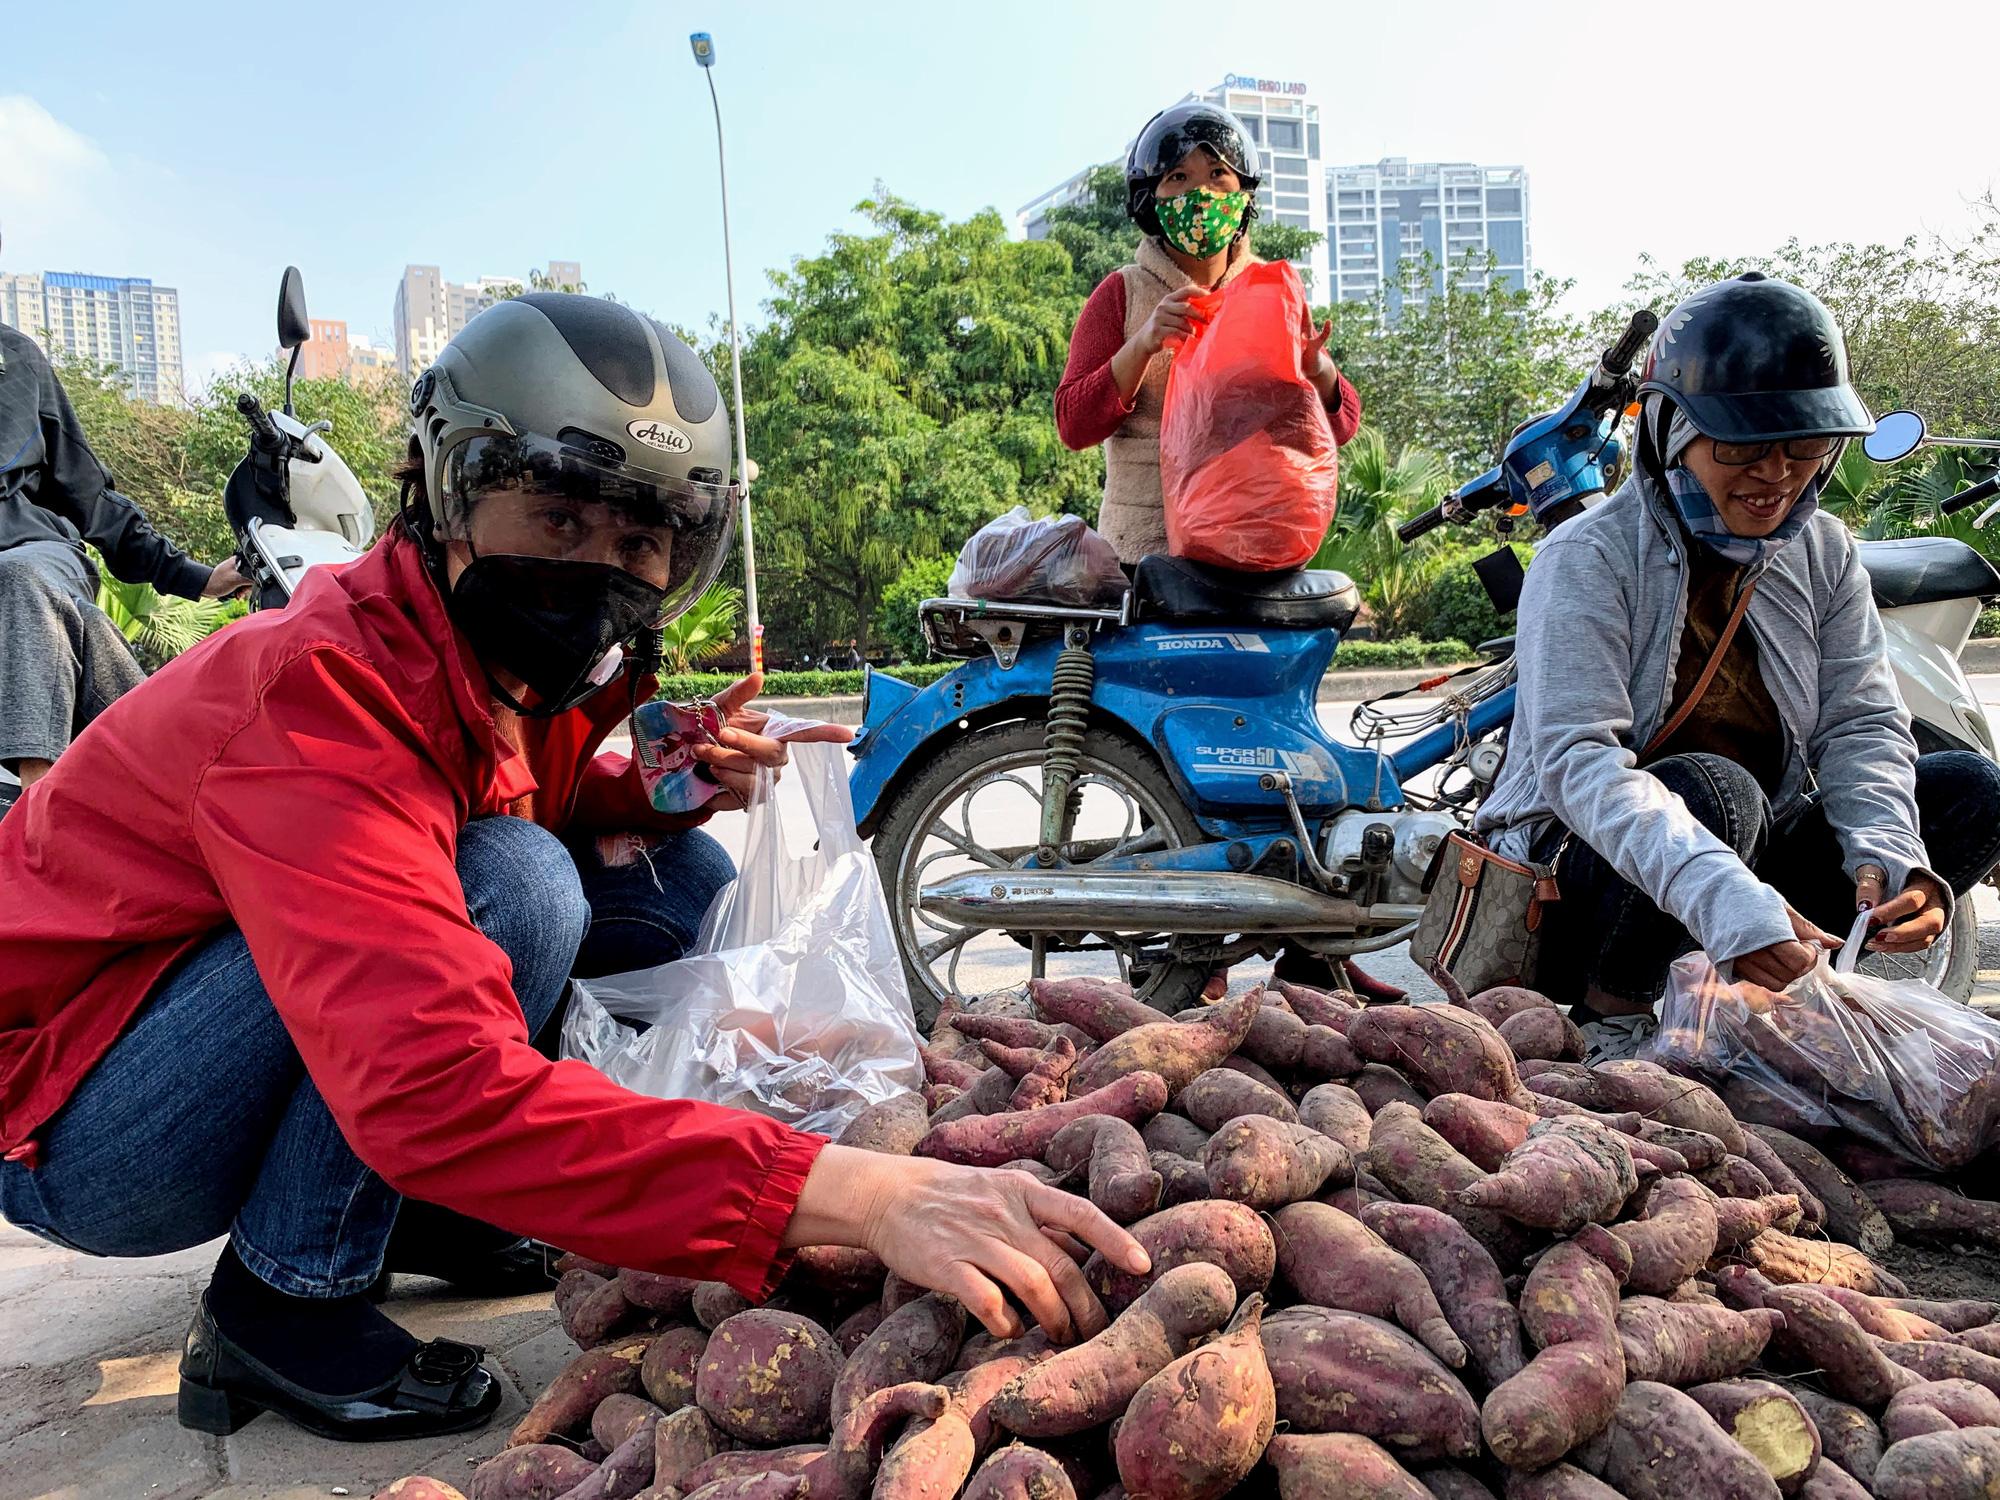 Hàng trăm tấn khoai lang nằm dài trên đường phố Hà Nội chờ 'giải cứu' - Ảnh 5.